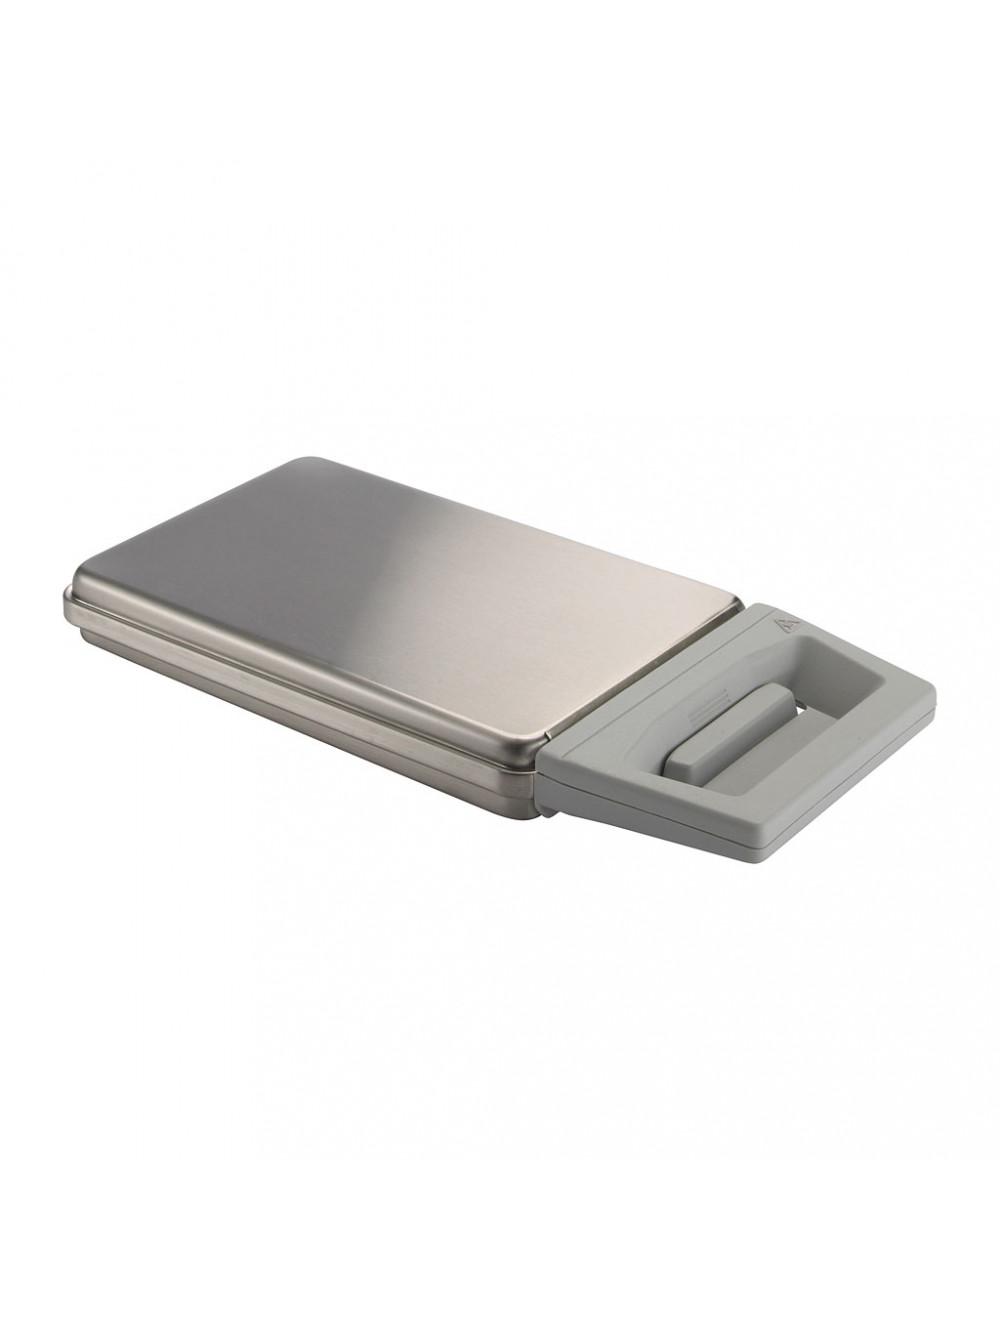 SciCan Standard-Kassette für STATIM 2000 G4-Cloud 01-112406S